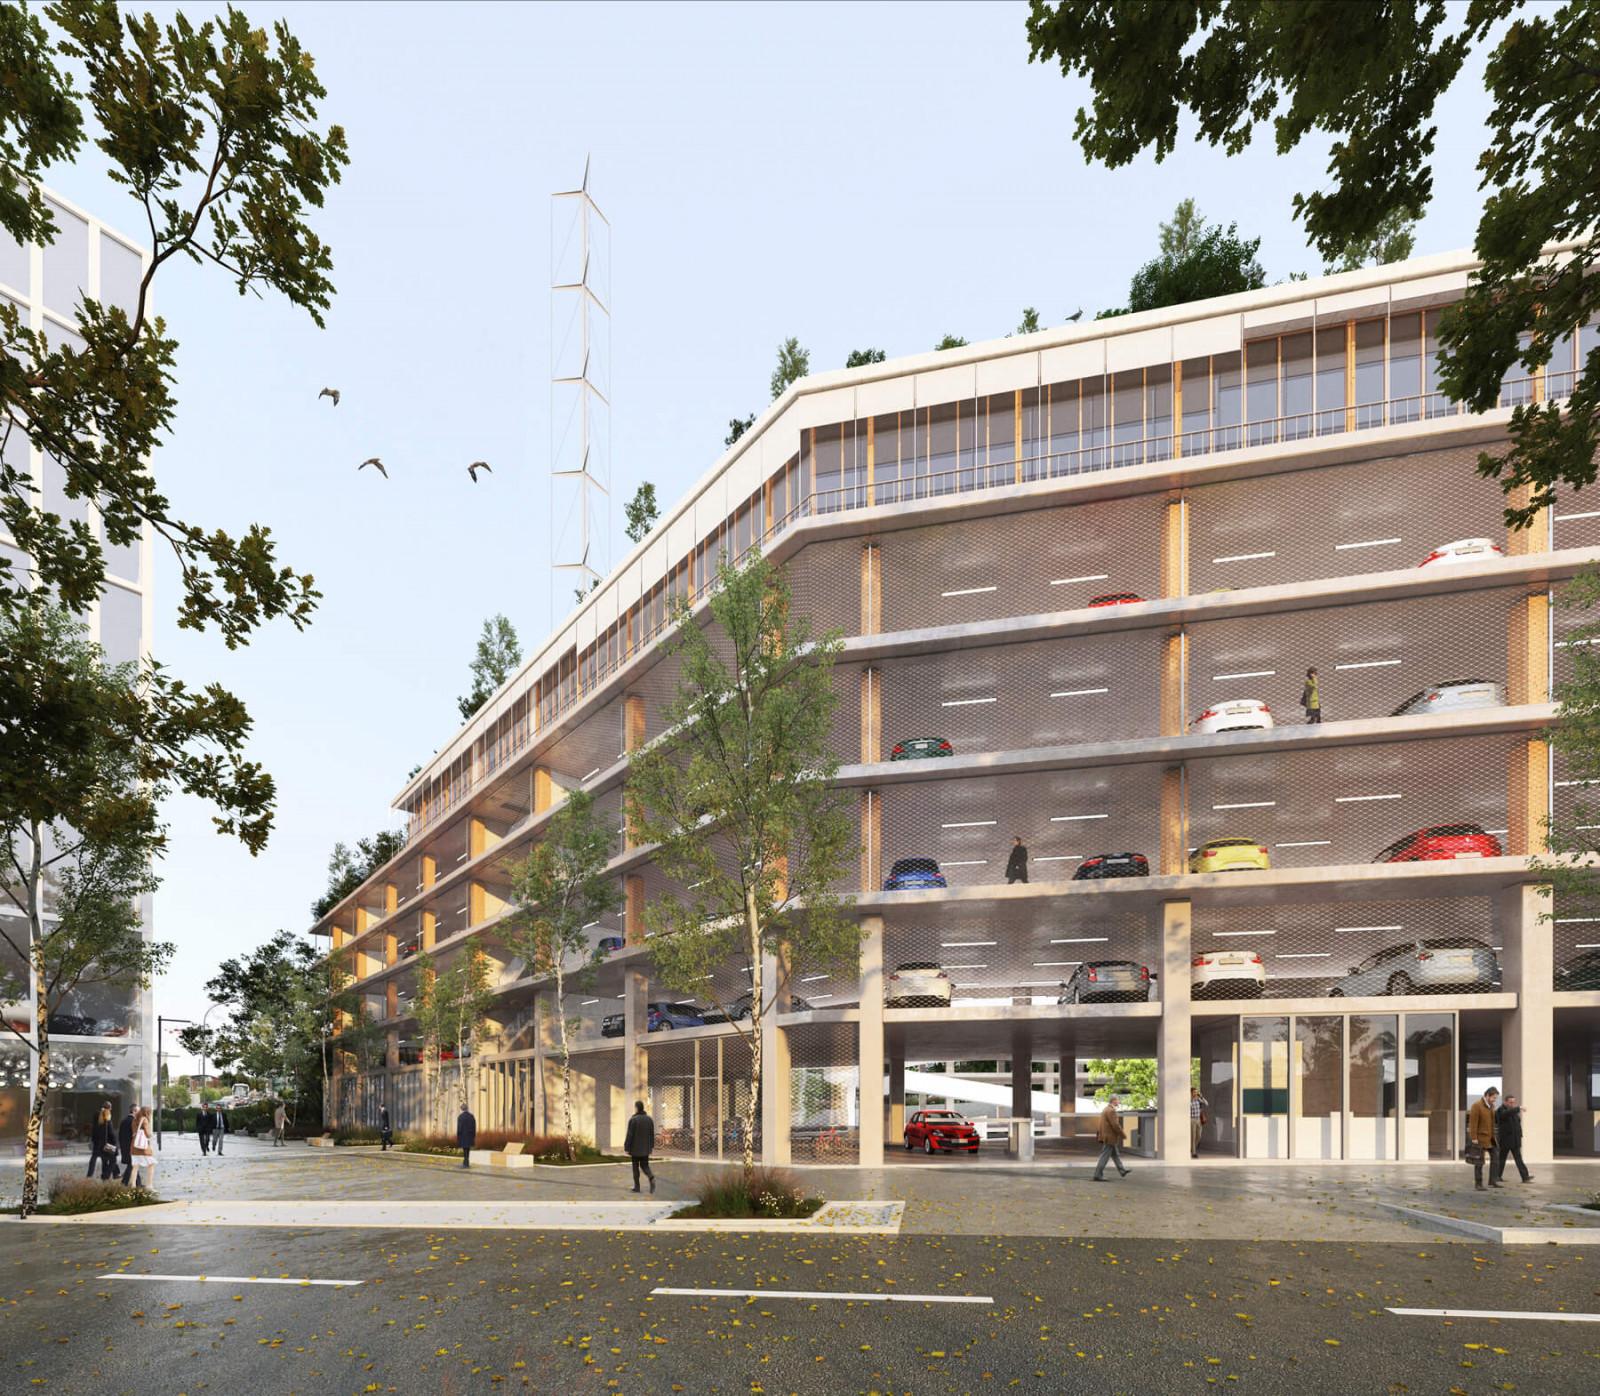 graam-villejuif-campus-grand-parc-02-parking-bureau-bois-exterieur-insertion